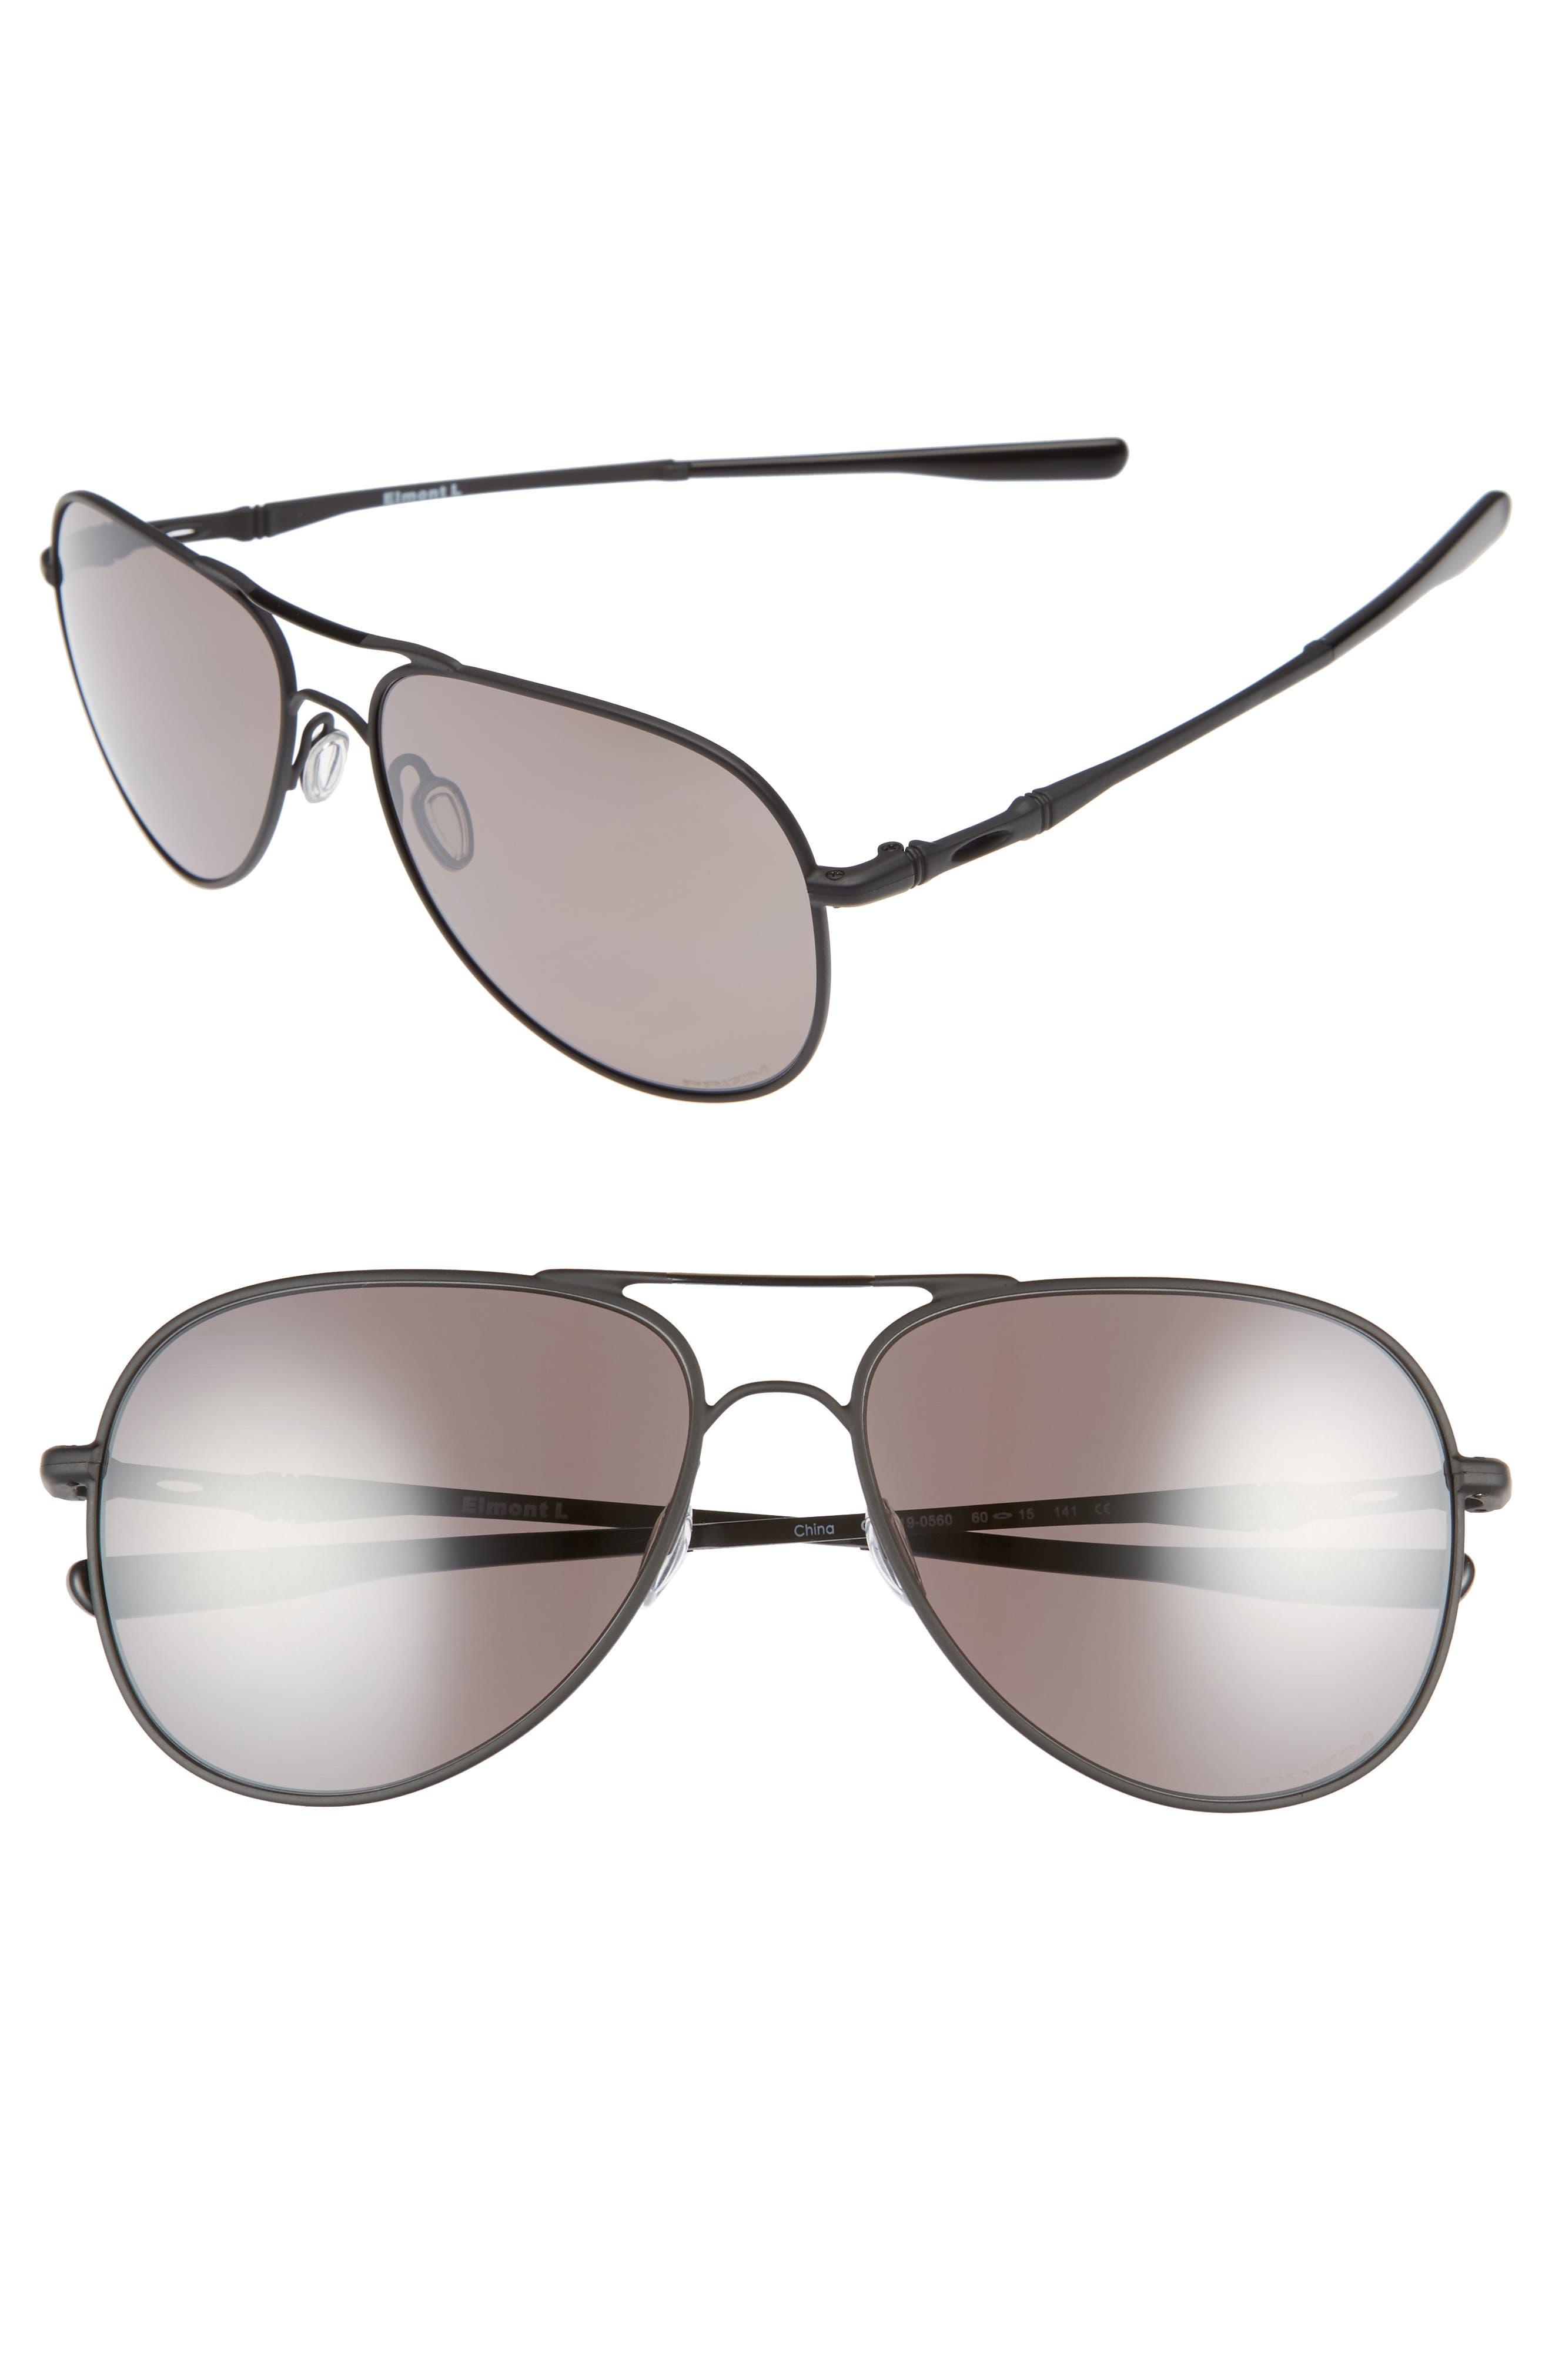 Elmont 60mm Polarized Aviator Sunglasses,                             Main thumbnail 1, color,                             001